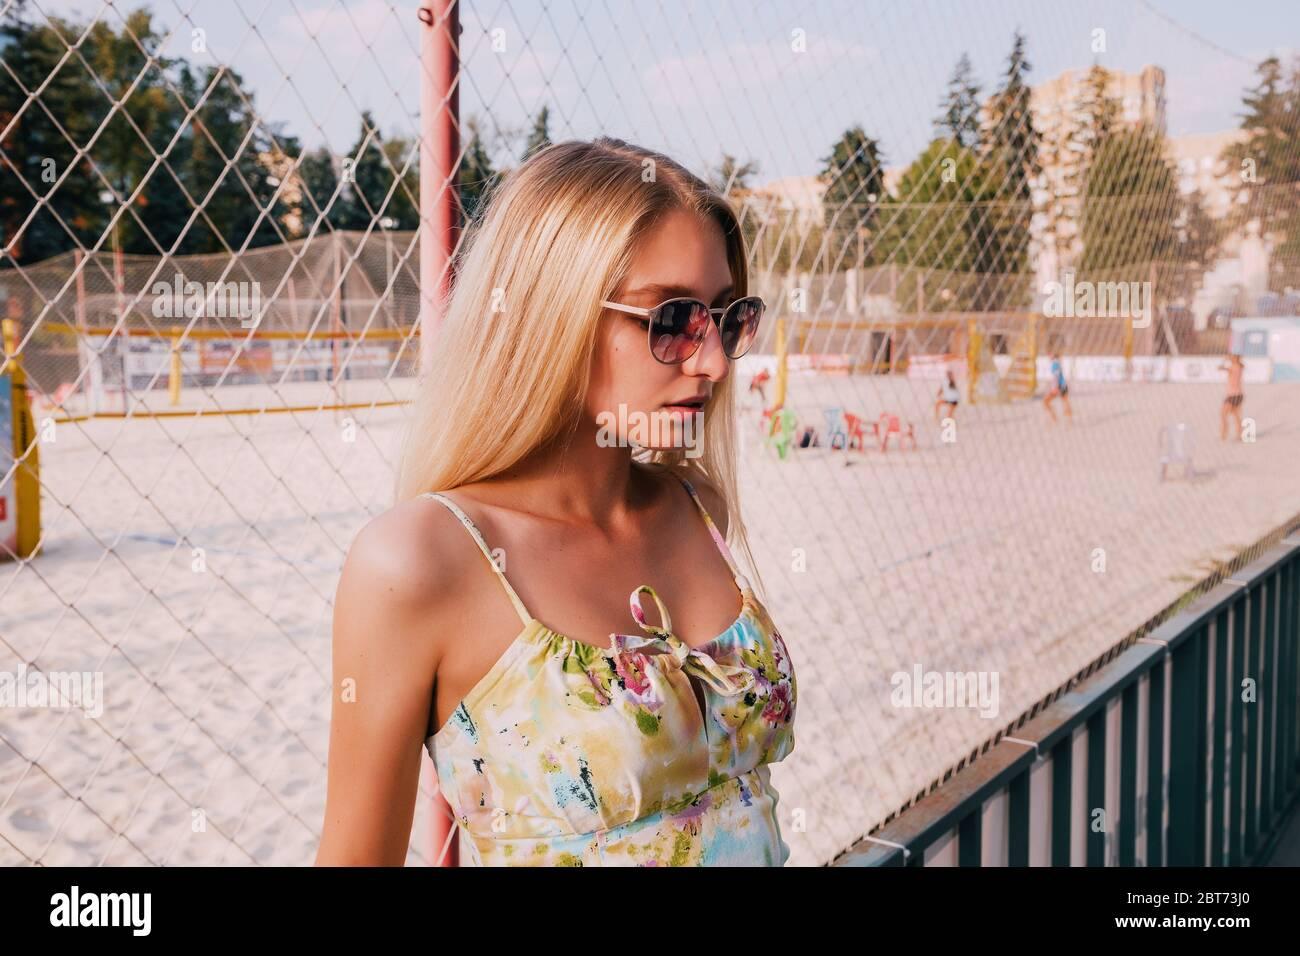 Retrato De Una Chica Rubia Bonita Esta De Pie Delante De Un Campo De Deportes Playa Ella Esta Usando Un Vestido De Verano Corto Y Gafas De Sol Fotografia De Stock